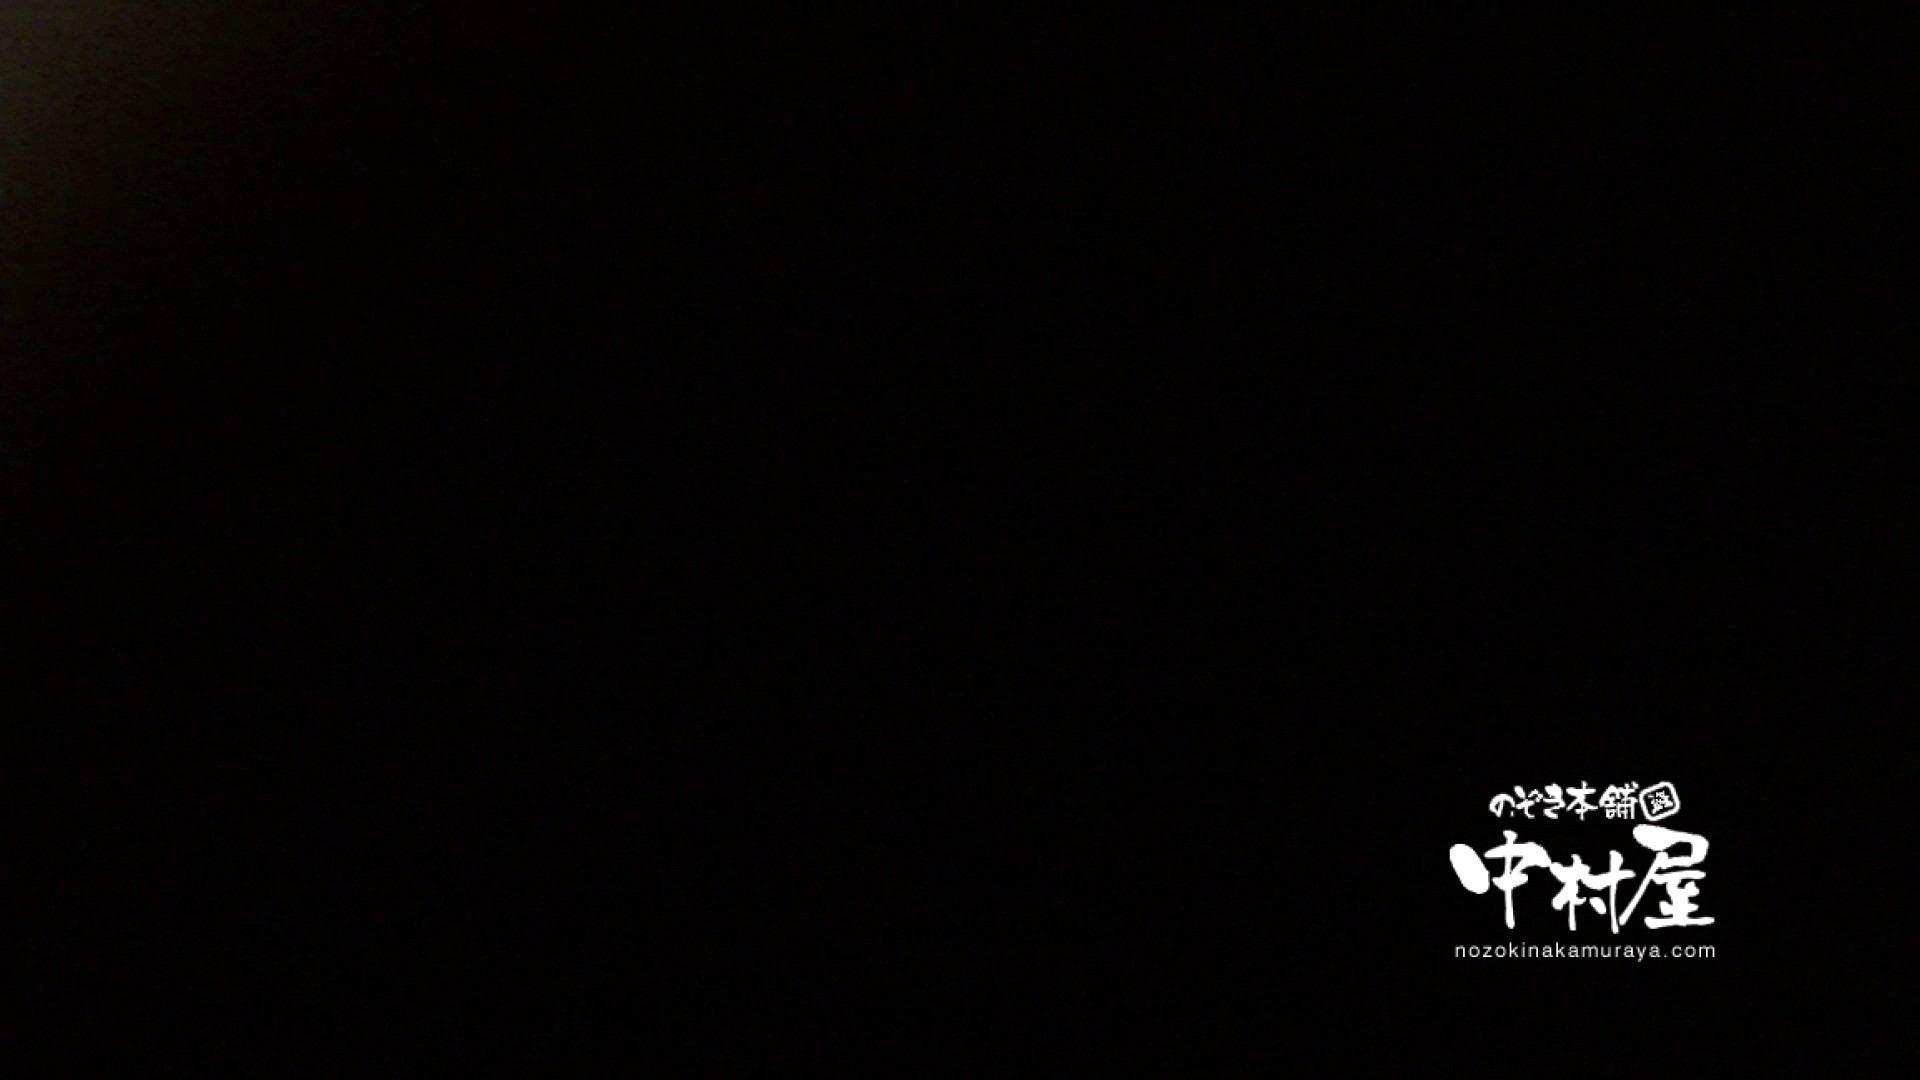 鬼畜 vol.10 あぁ無情…中出しパイパン! 後編 パイパン おめこ無修正動画無料 106画像 83